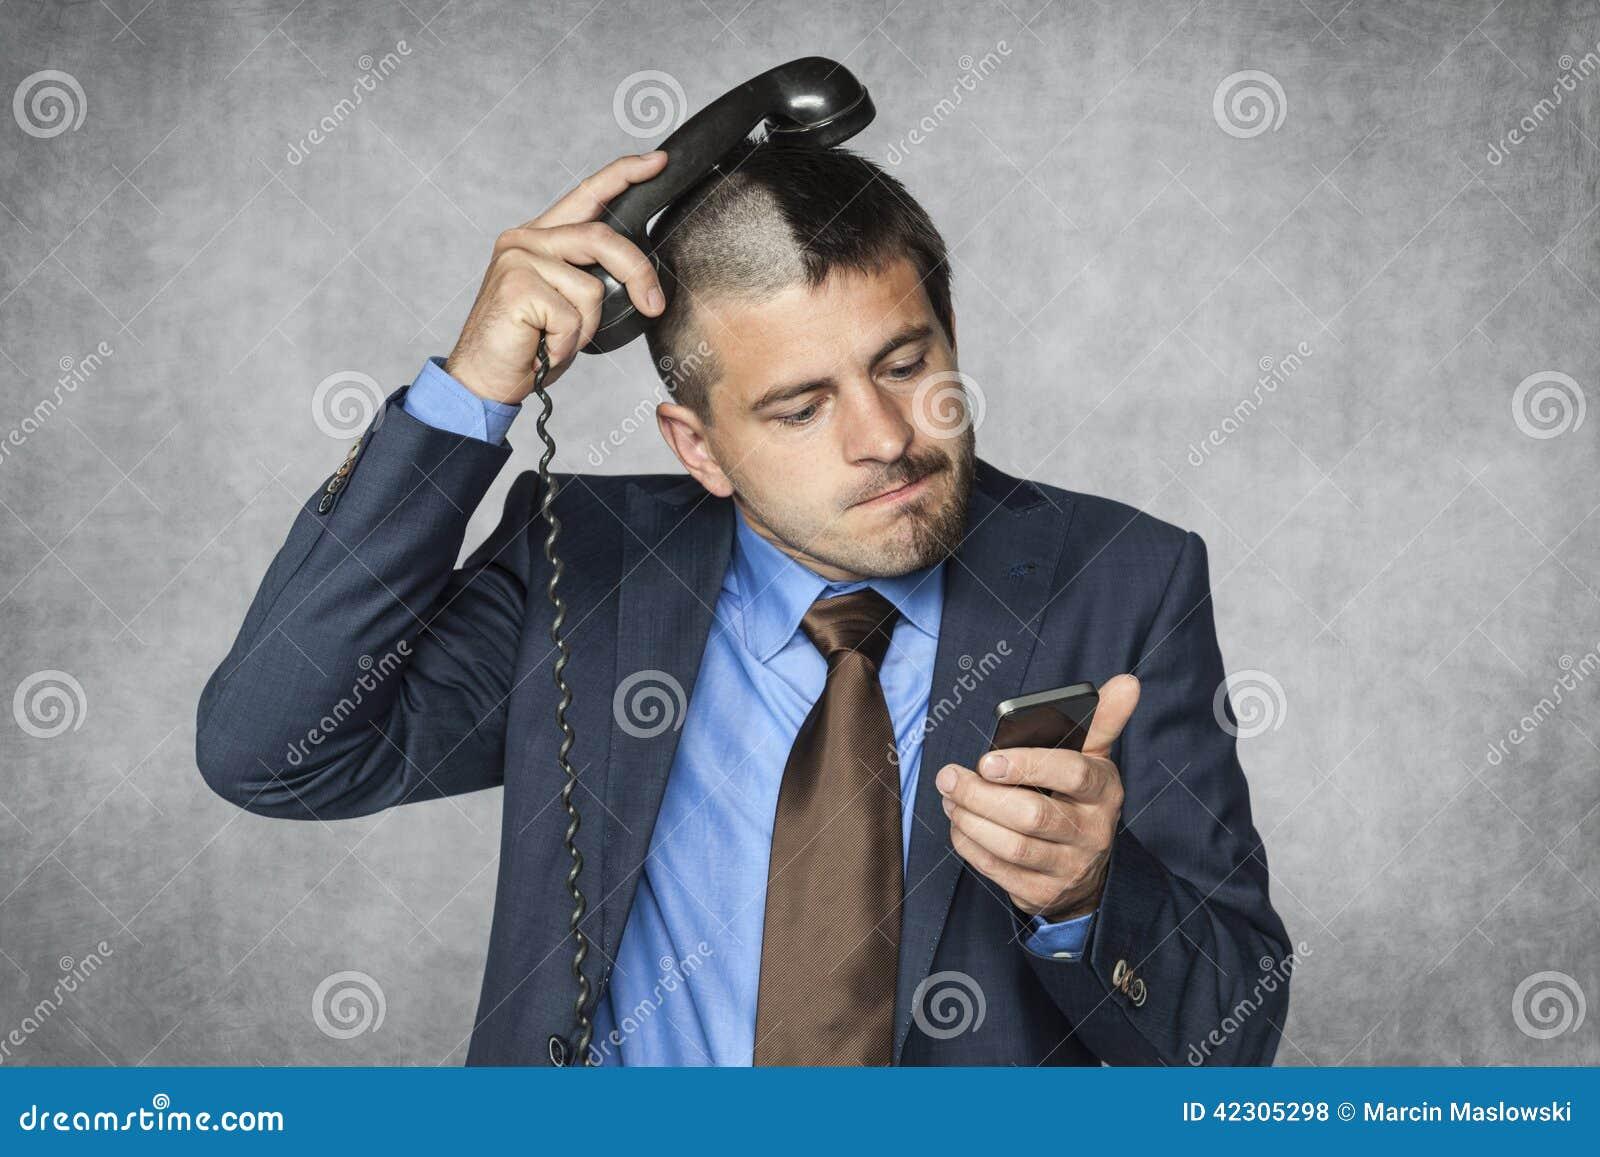 Application Coupe De Cheveux Homme en ce qui concerne coupe de cheveux homme d'affaire - lisa hammack blog